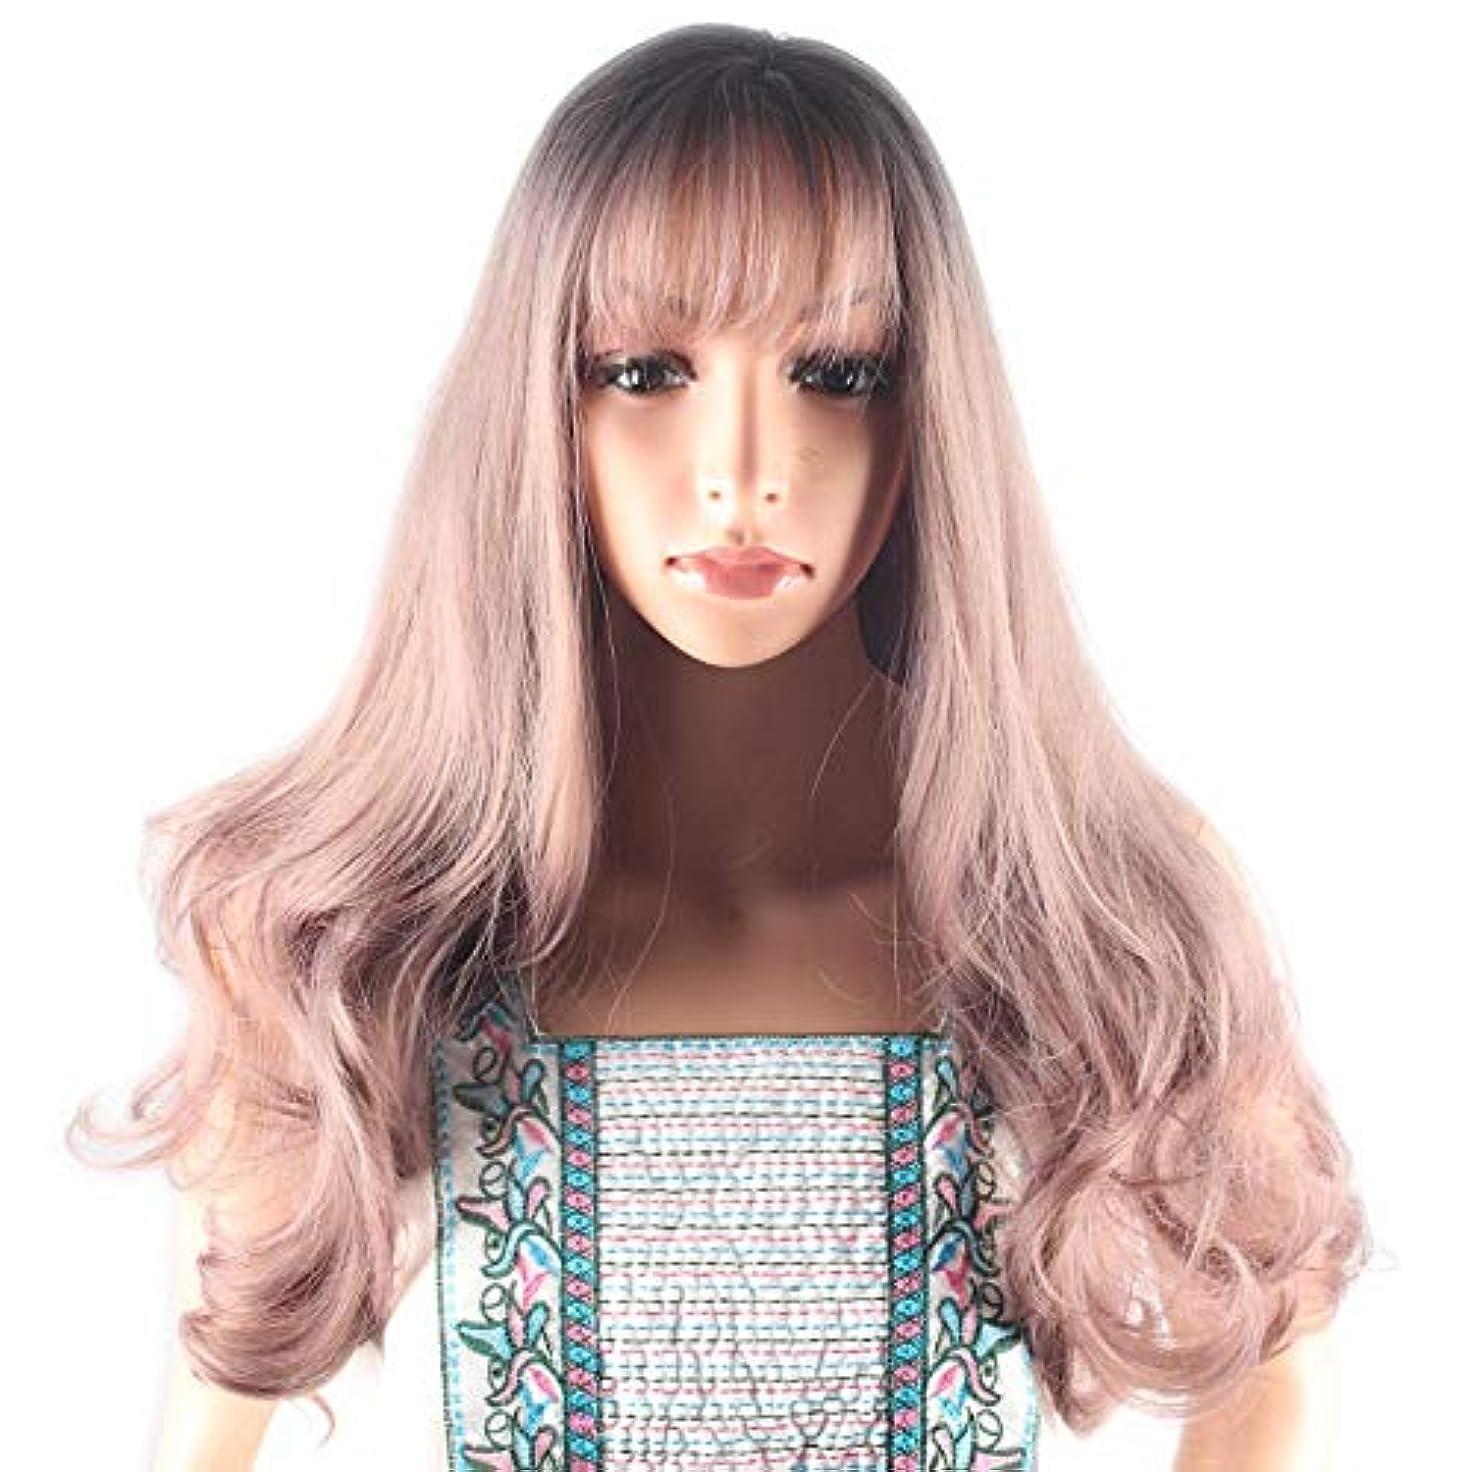 展開する灰黙WASAIO 空気前髪自然勾配フルヘッドと薄紫色のかつら波状の長い巻き毛 (色 : Photo Color, サイズ : 65cm)